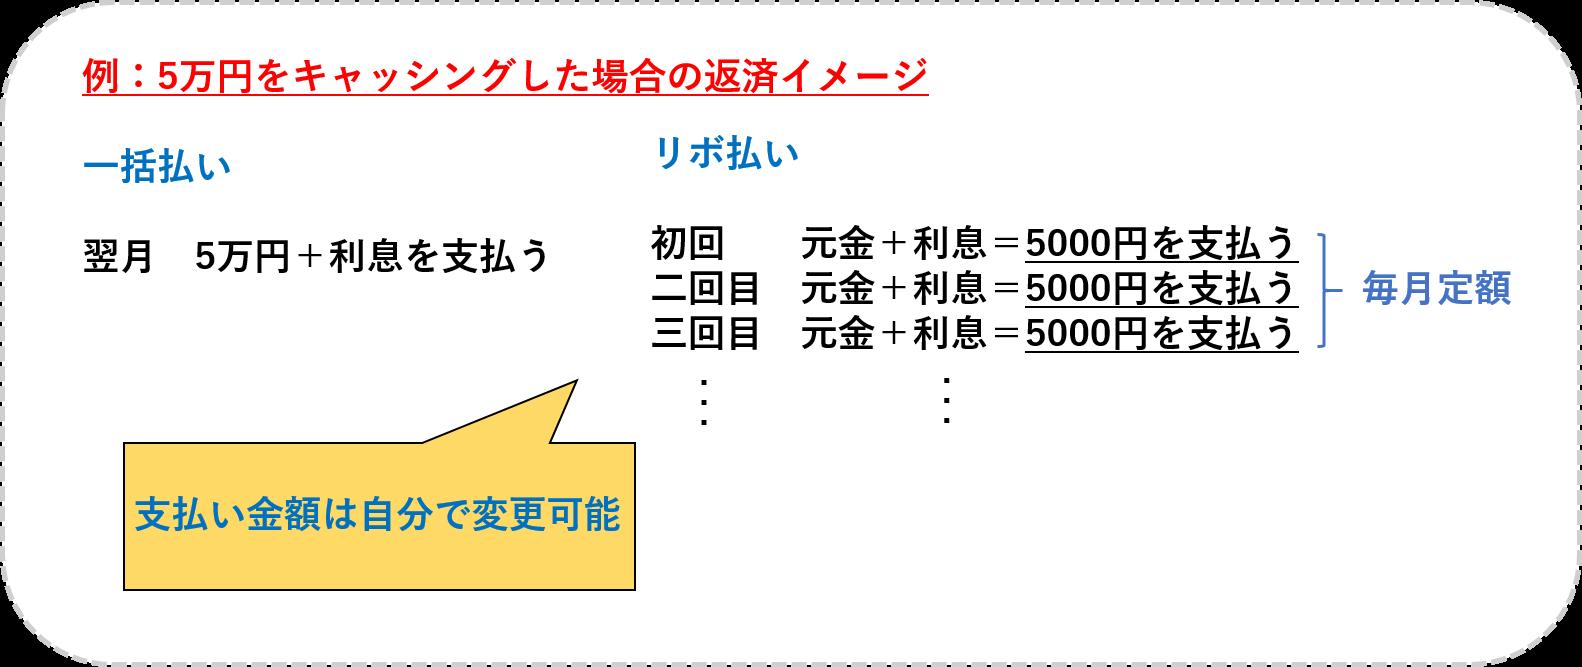 5万円 キャッシング 返済イメージ